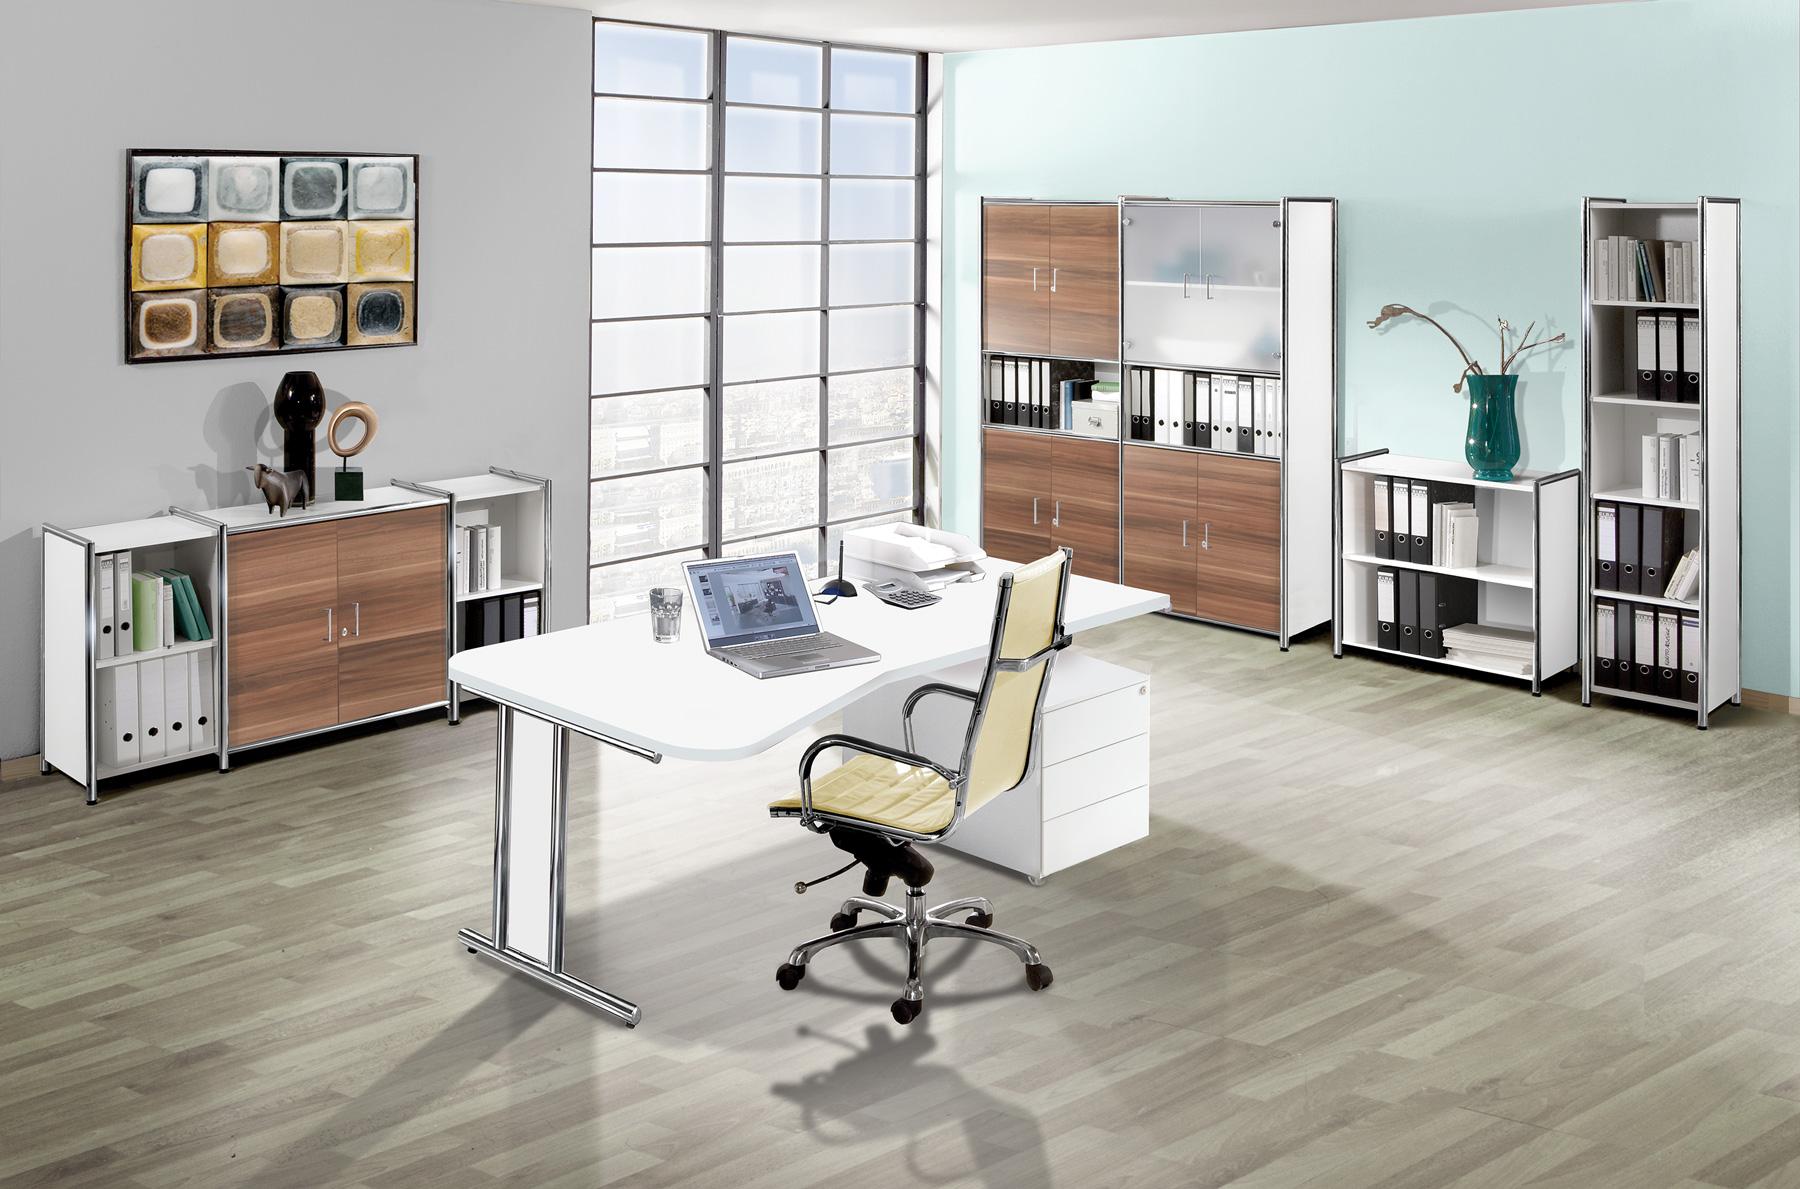 Artline | Büromöbel Serien | 123bueromoebel.de | Büromöbel ...